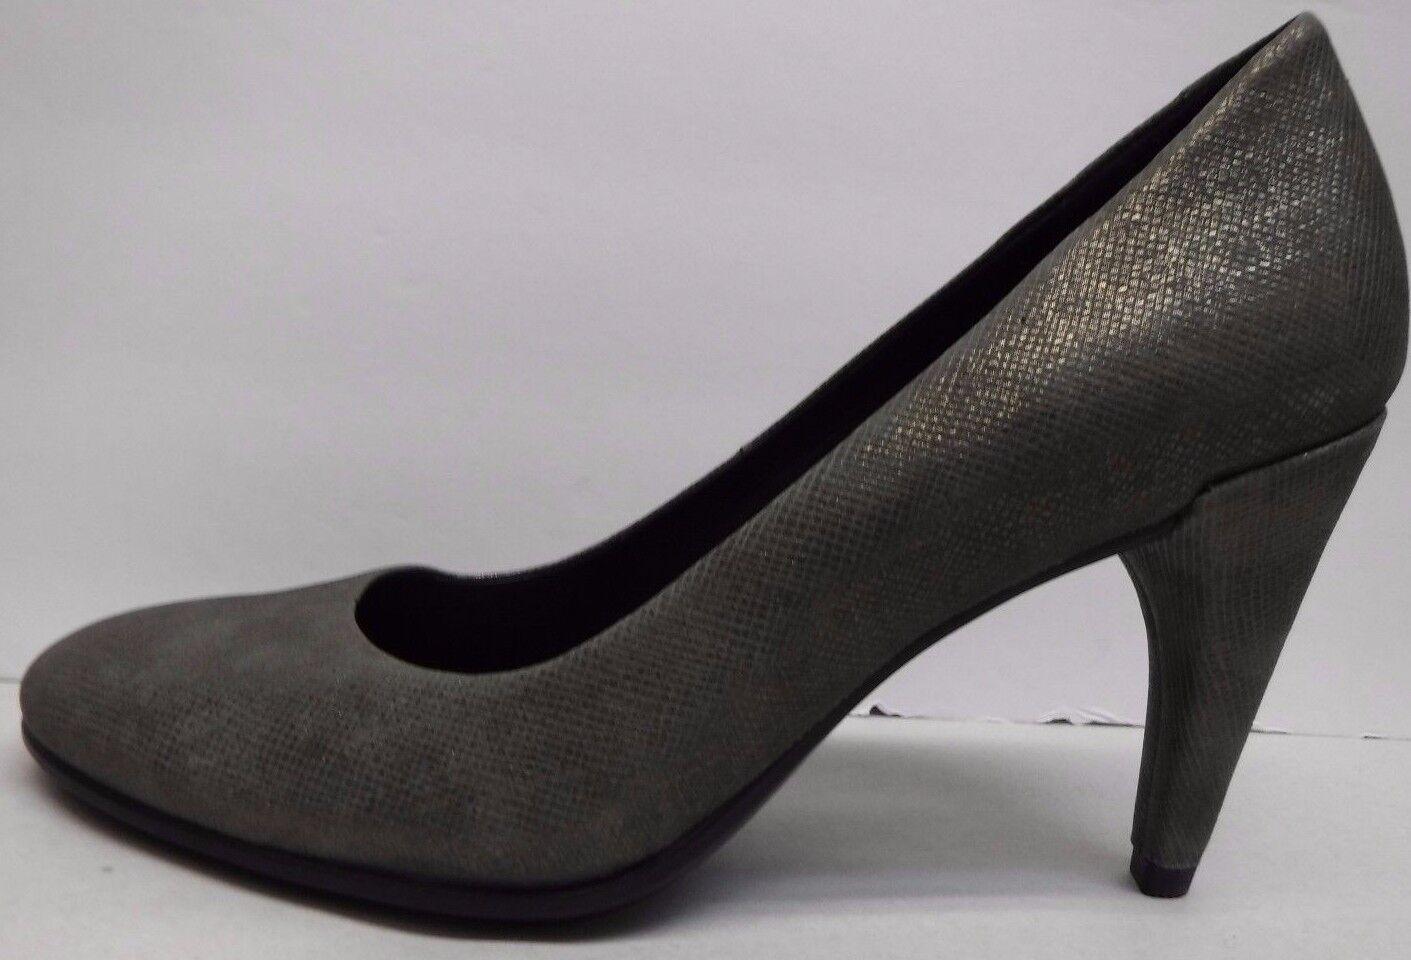 Ecco  EUR 36  Ecco  5 5.5 Gray Pelle Pumps Heels New Donna Shoes afc35a